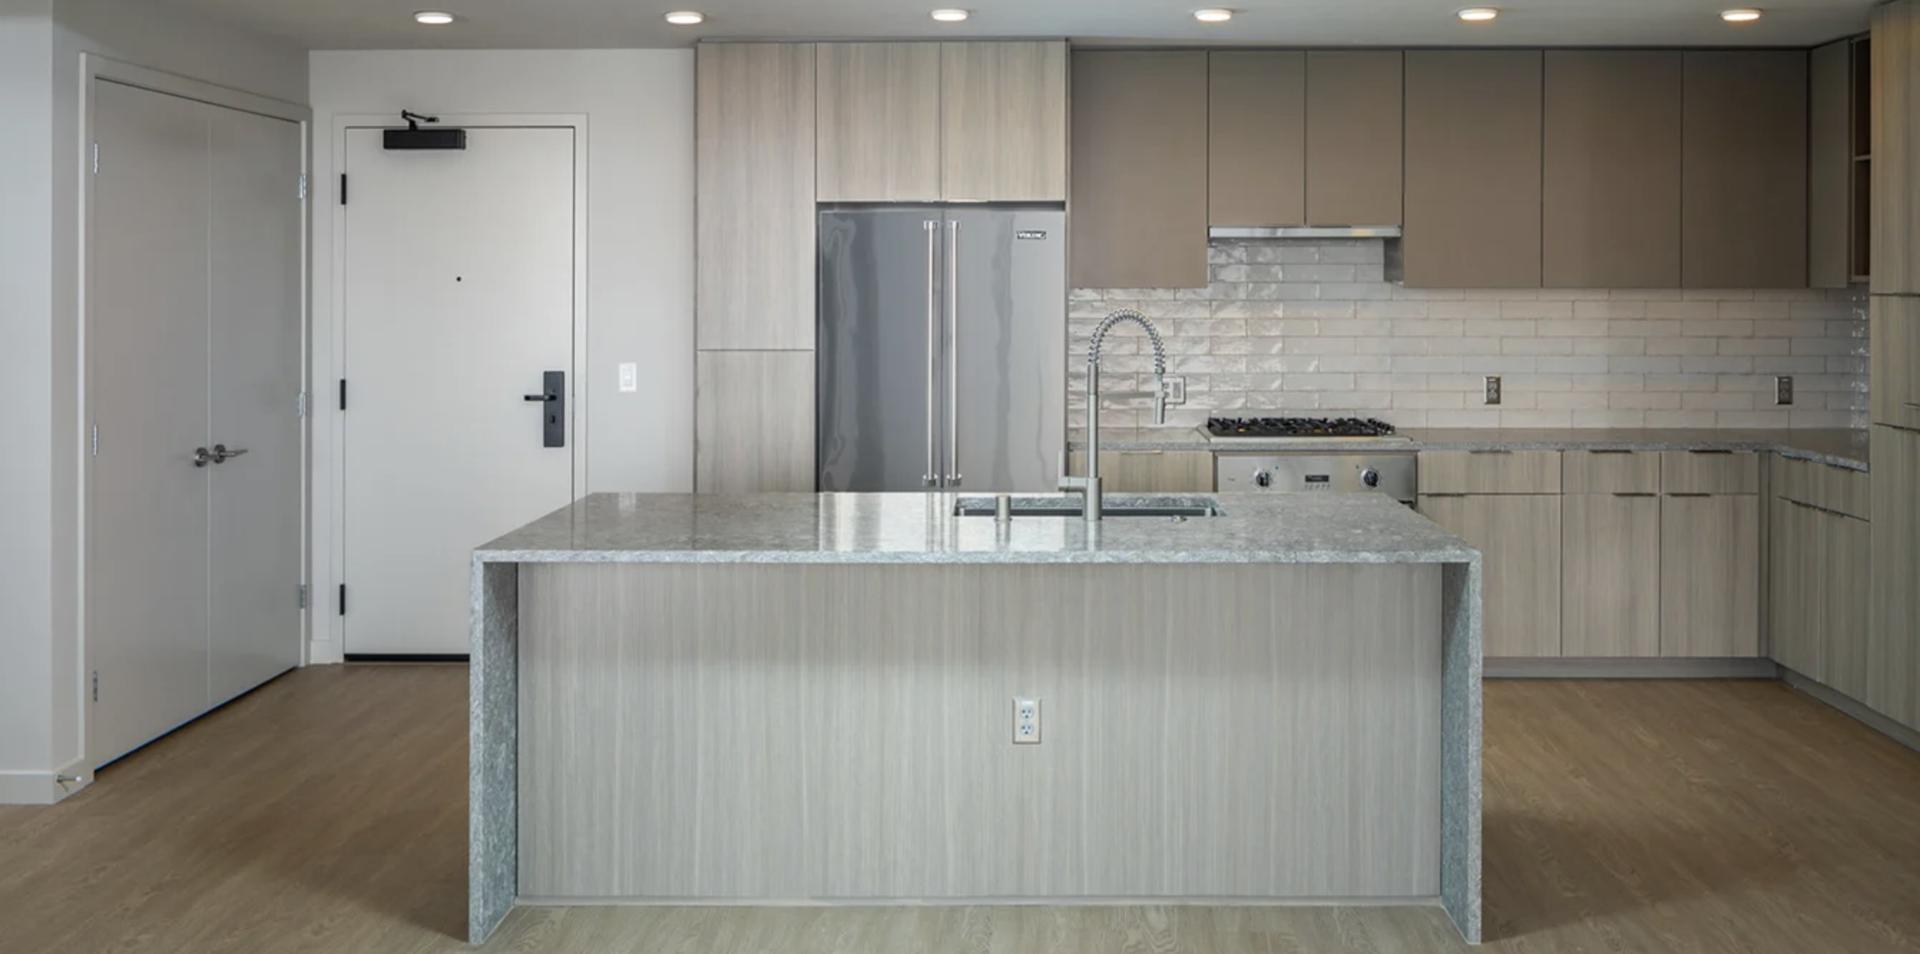 601 11th Avenue #1316, San Diego, CA - $4,840 USD/ month